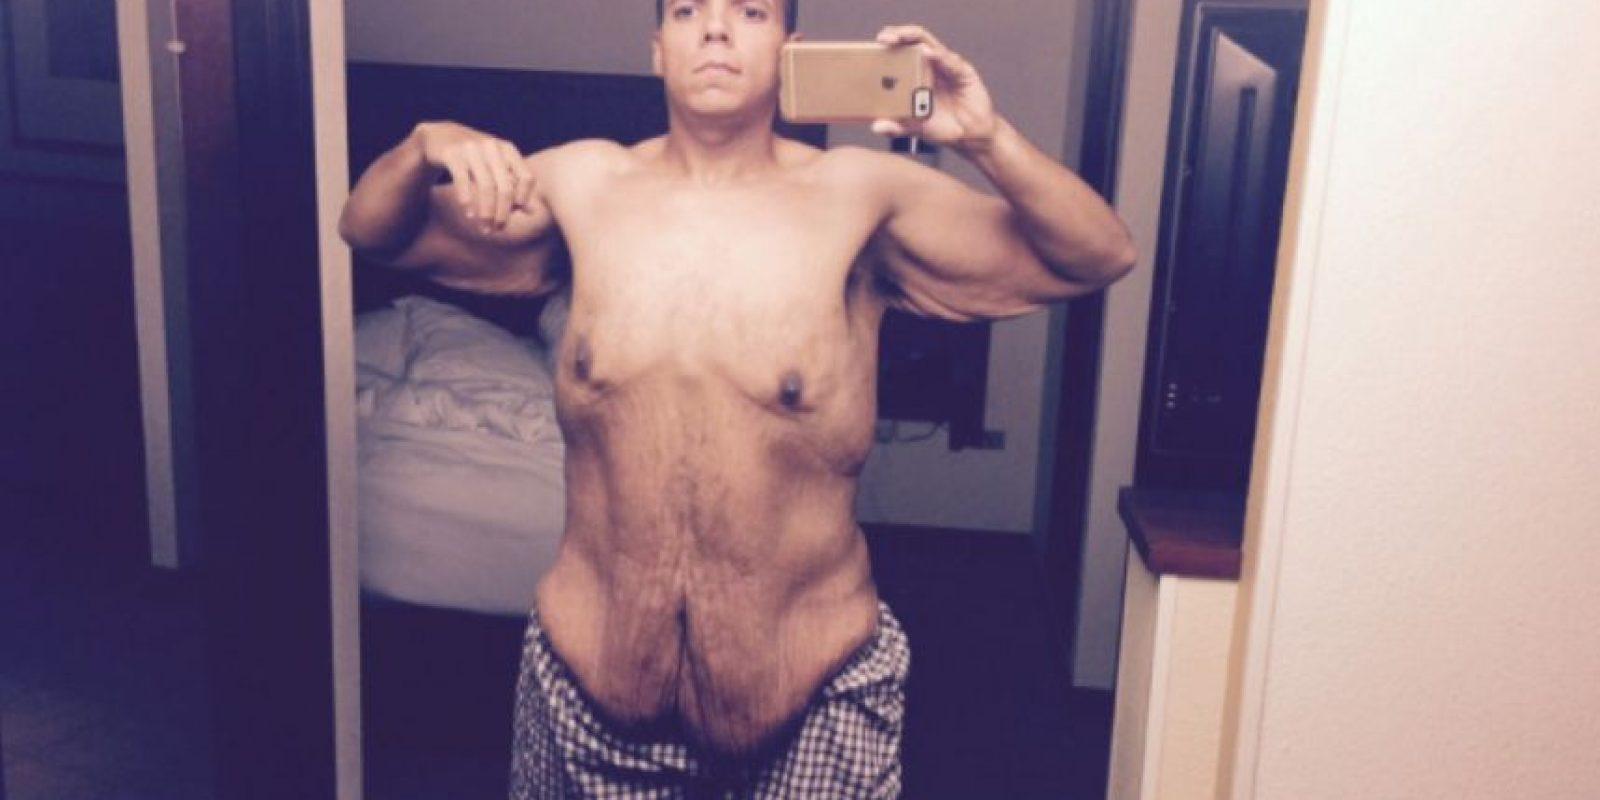 De esta manera perdió 120 kilos y ahora busca costearse una cirugía para removerse la piel sobrante. Foto:vía Jesse Shand